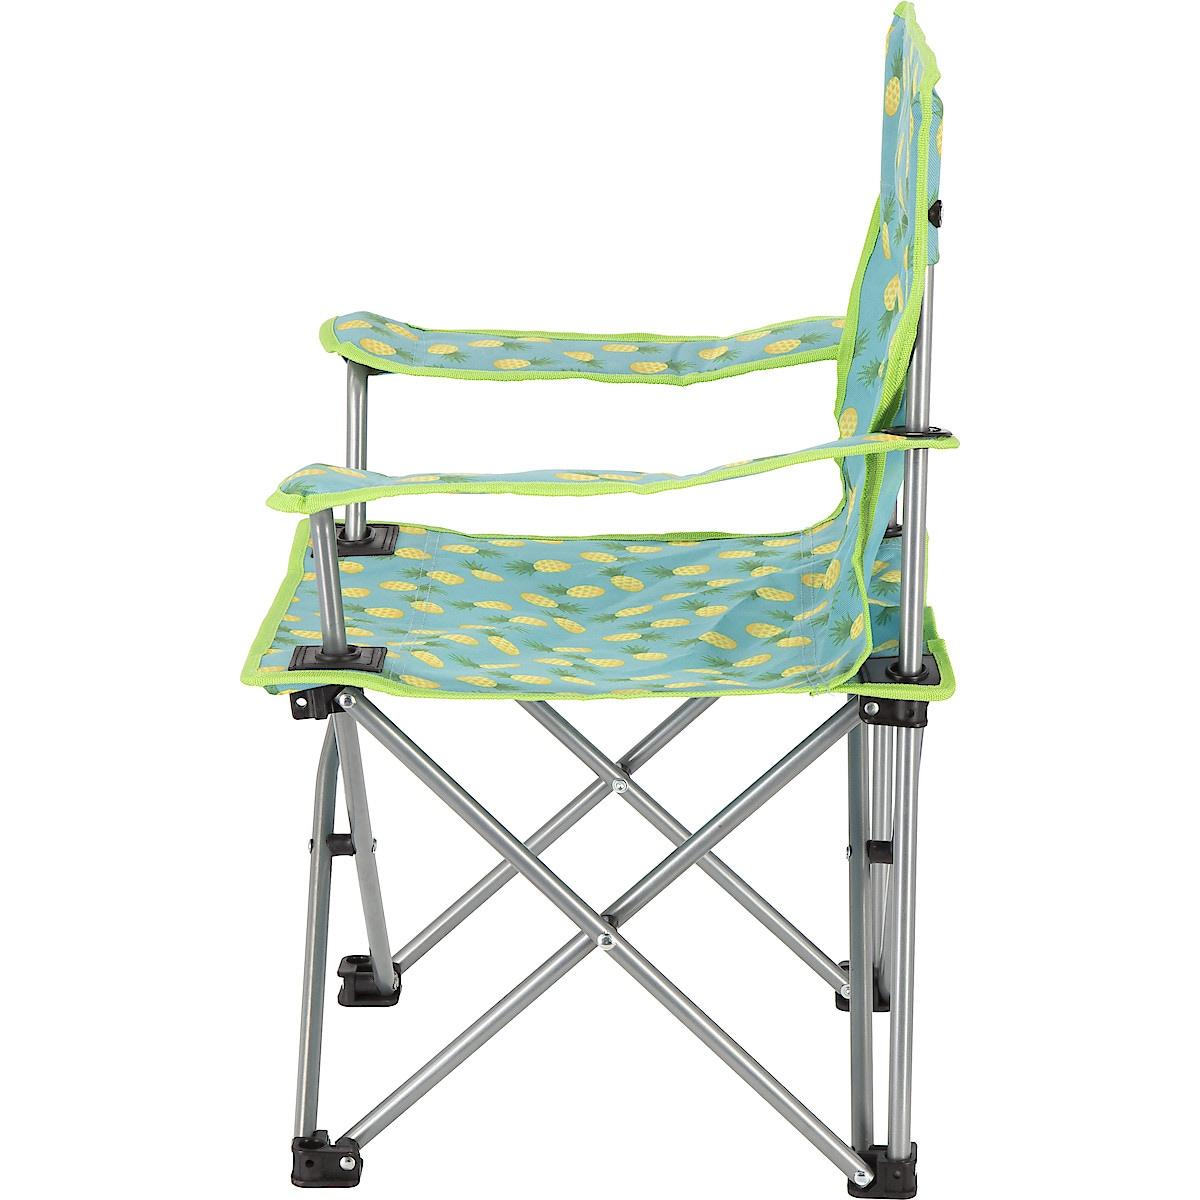 Hopfällbar stol för barn, ananas | Clas Ohlson